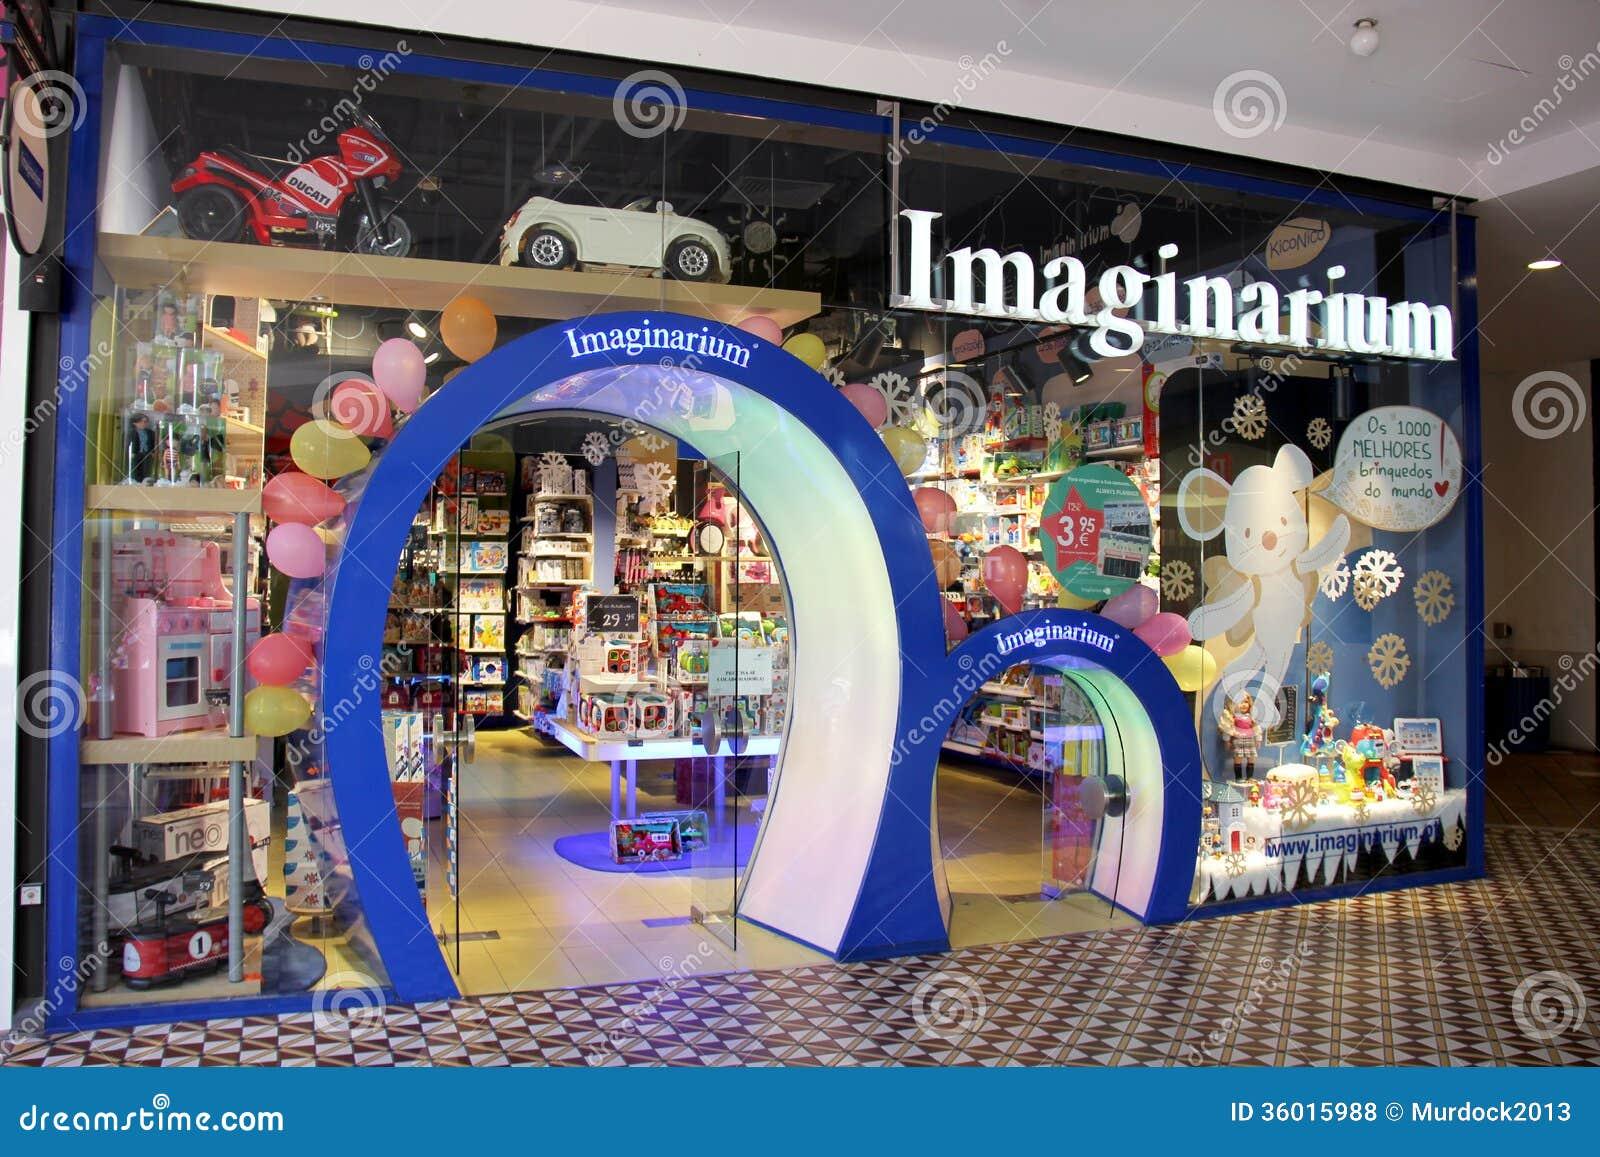 magasin de jouet d 39 imaginarium photo stock ditorial image du cadeau gosse 36015988. Black Bedroom Furniture Sets. Home Design Ideas